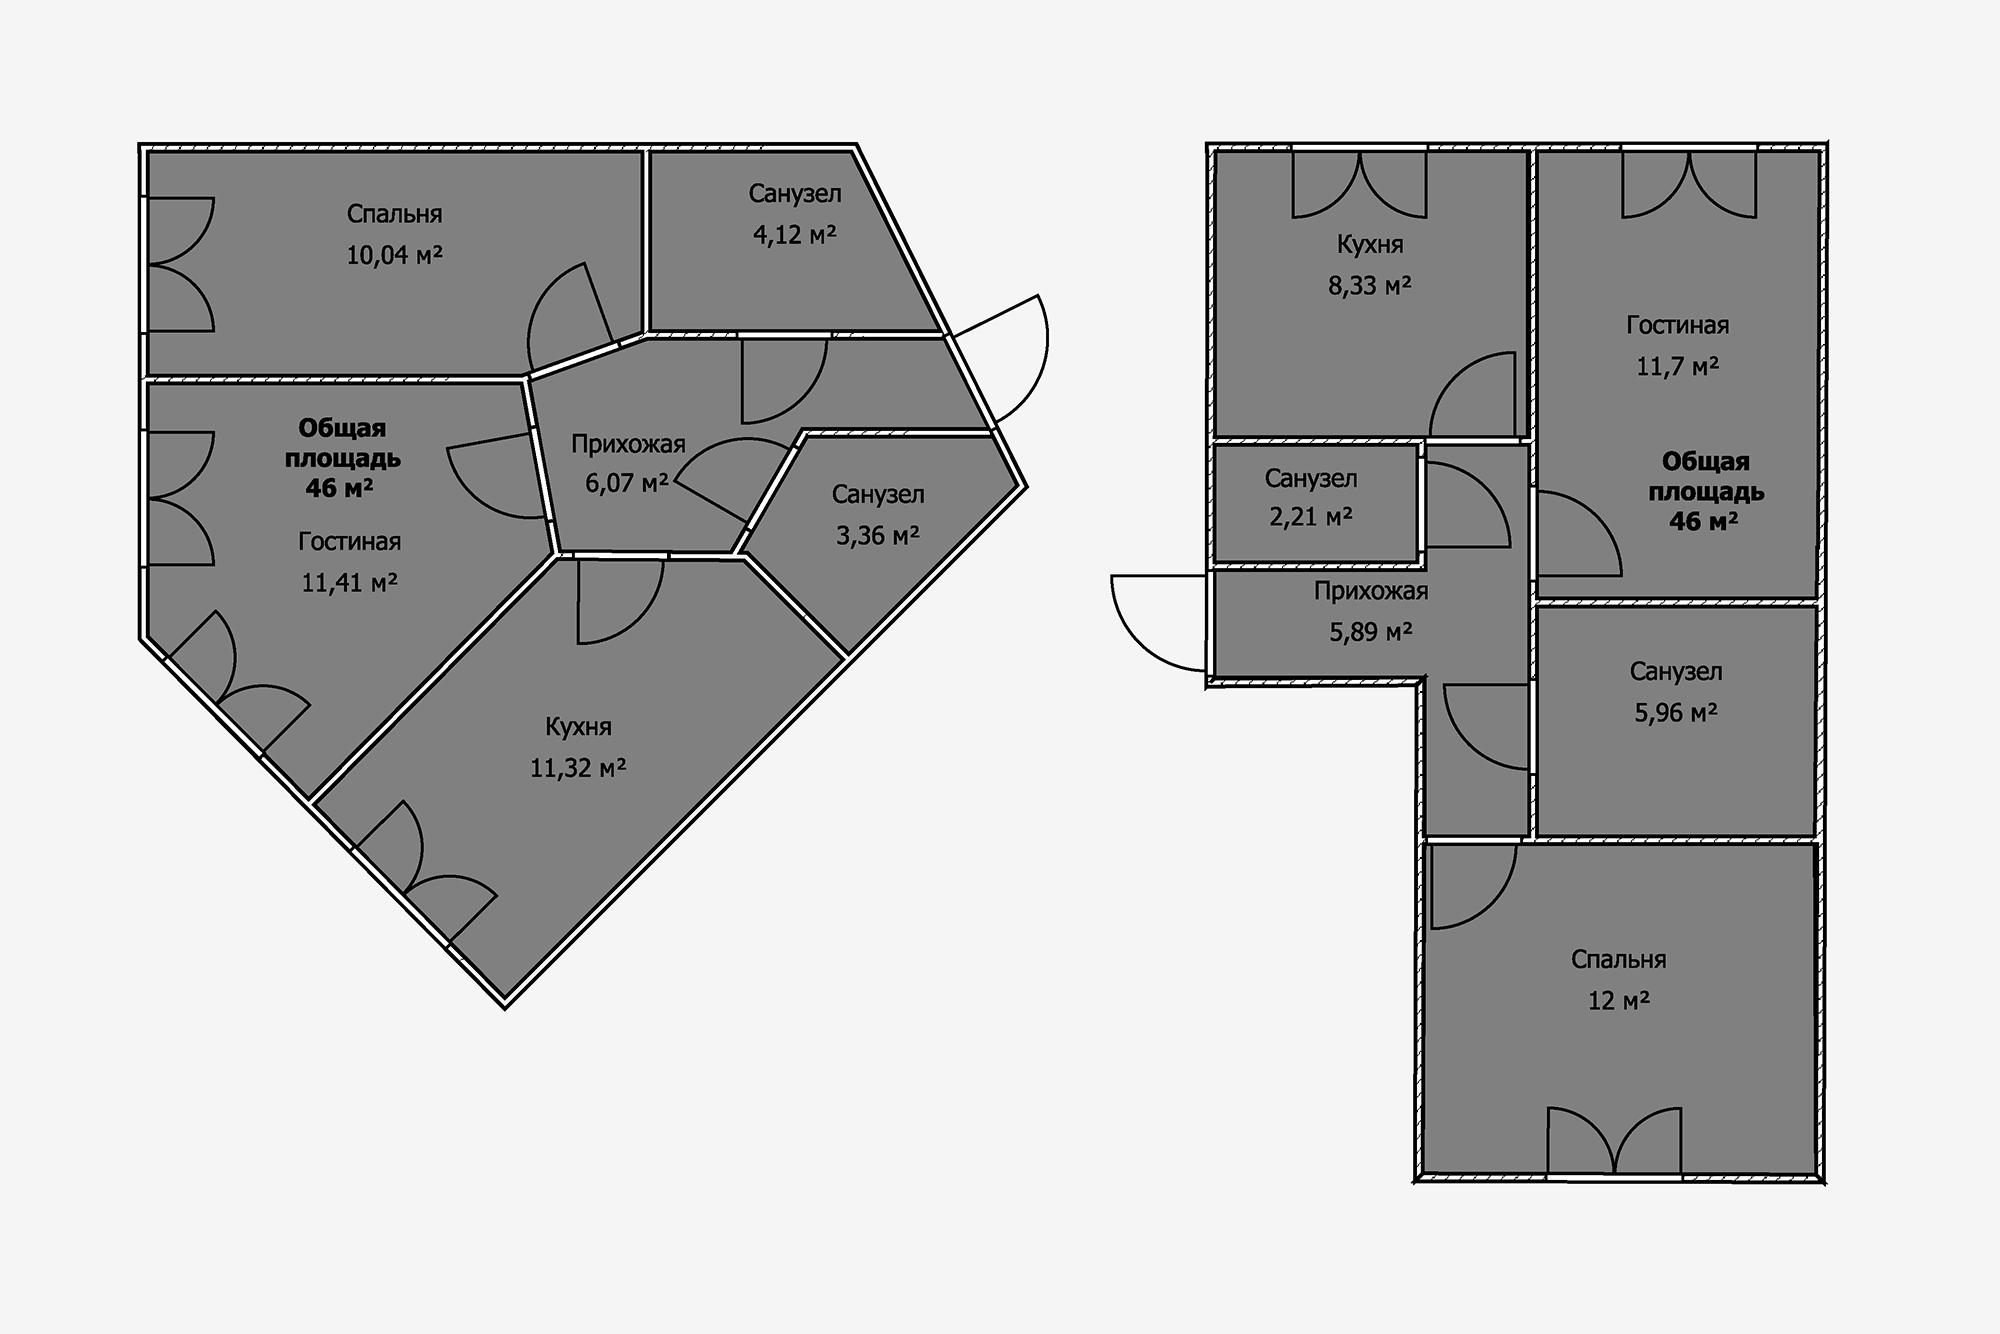 Впервой квартире почти все помещения пятиугольные, ипрямых углов вних мало. Из-за этого будет сложно найти место для крупных предметов мебели: кухонного гарнитура, шкафа вспальне, дивана вгостиной. Неговоря уже осанузлах. Часть мебели наверняка придется делать назаказ. Вквартире стакойже площадью— 46м²,— ноболее традиционной планировкой таких проблем небудет